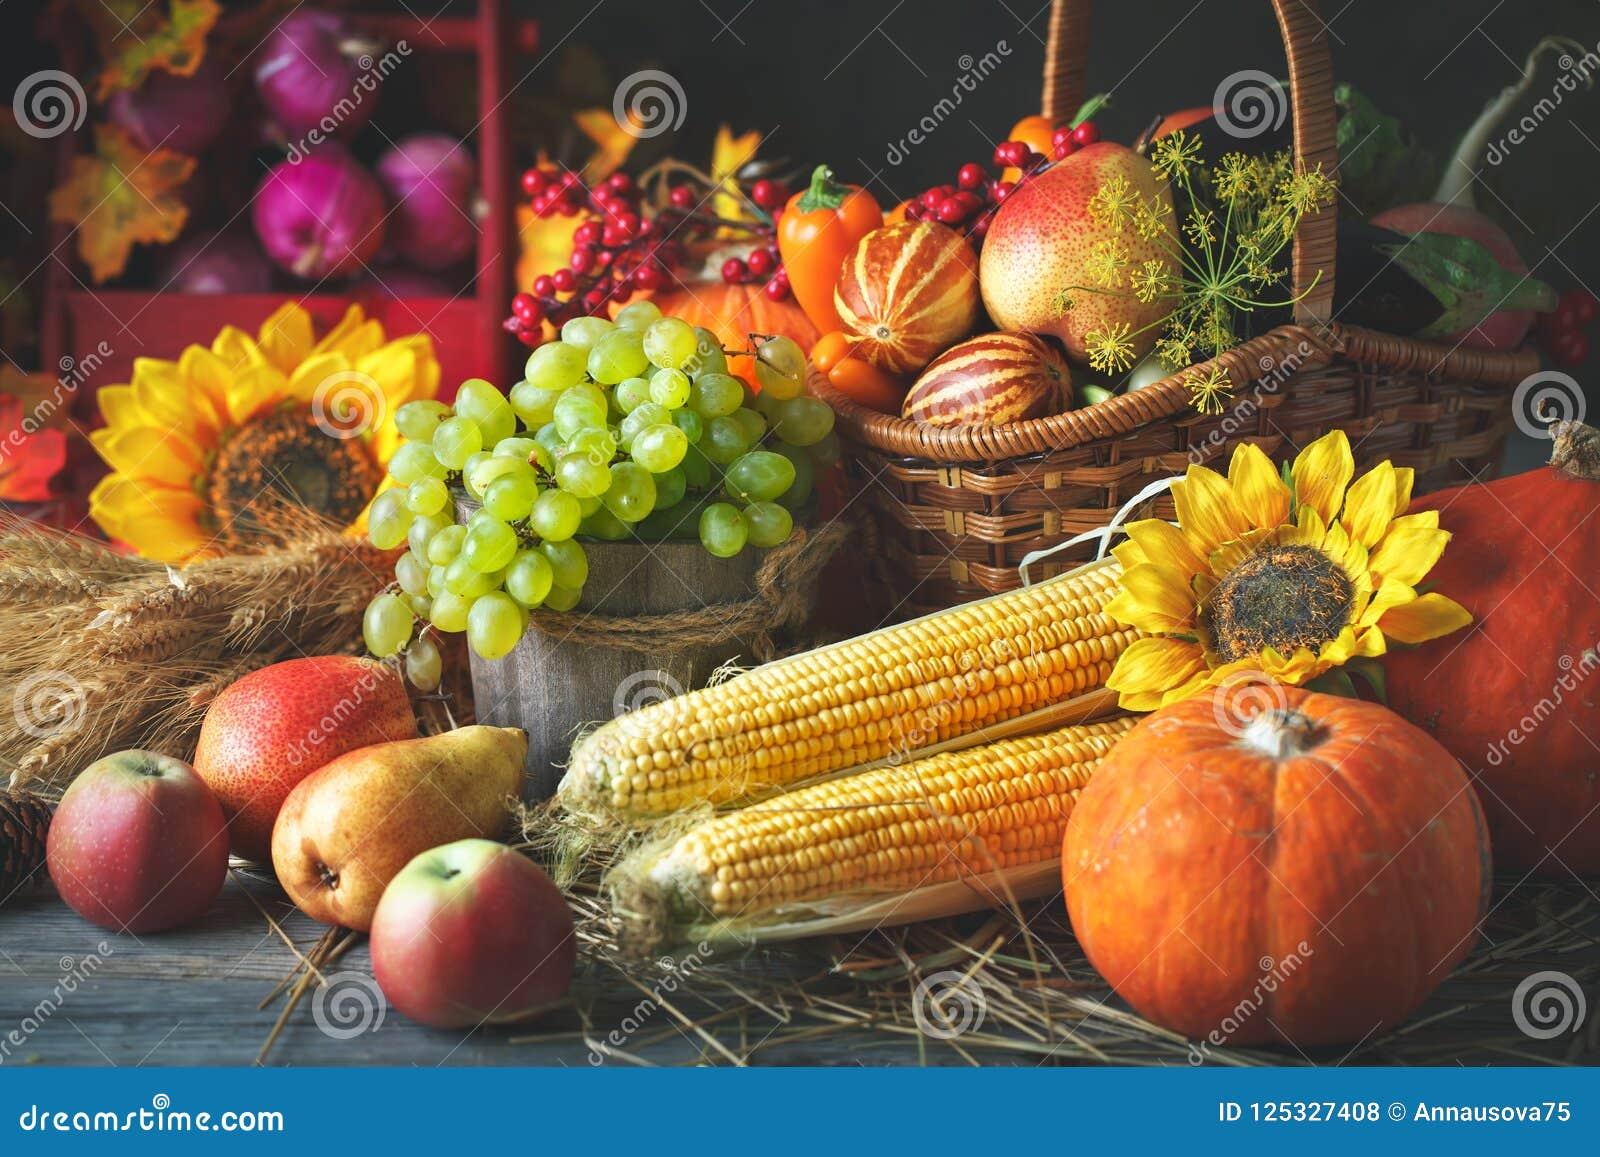 Το ευτυχές υπόβαθρο ημέρας των ευχαριστιών, ο ξύλινος πίνακας που διακοσμούνται με τις κολοκύθες, ο αραβόσιτος, τα φρούτα και το